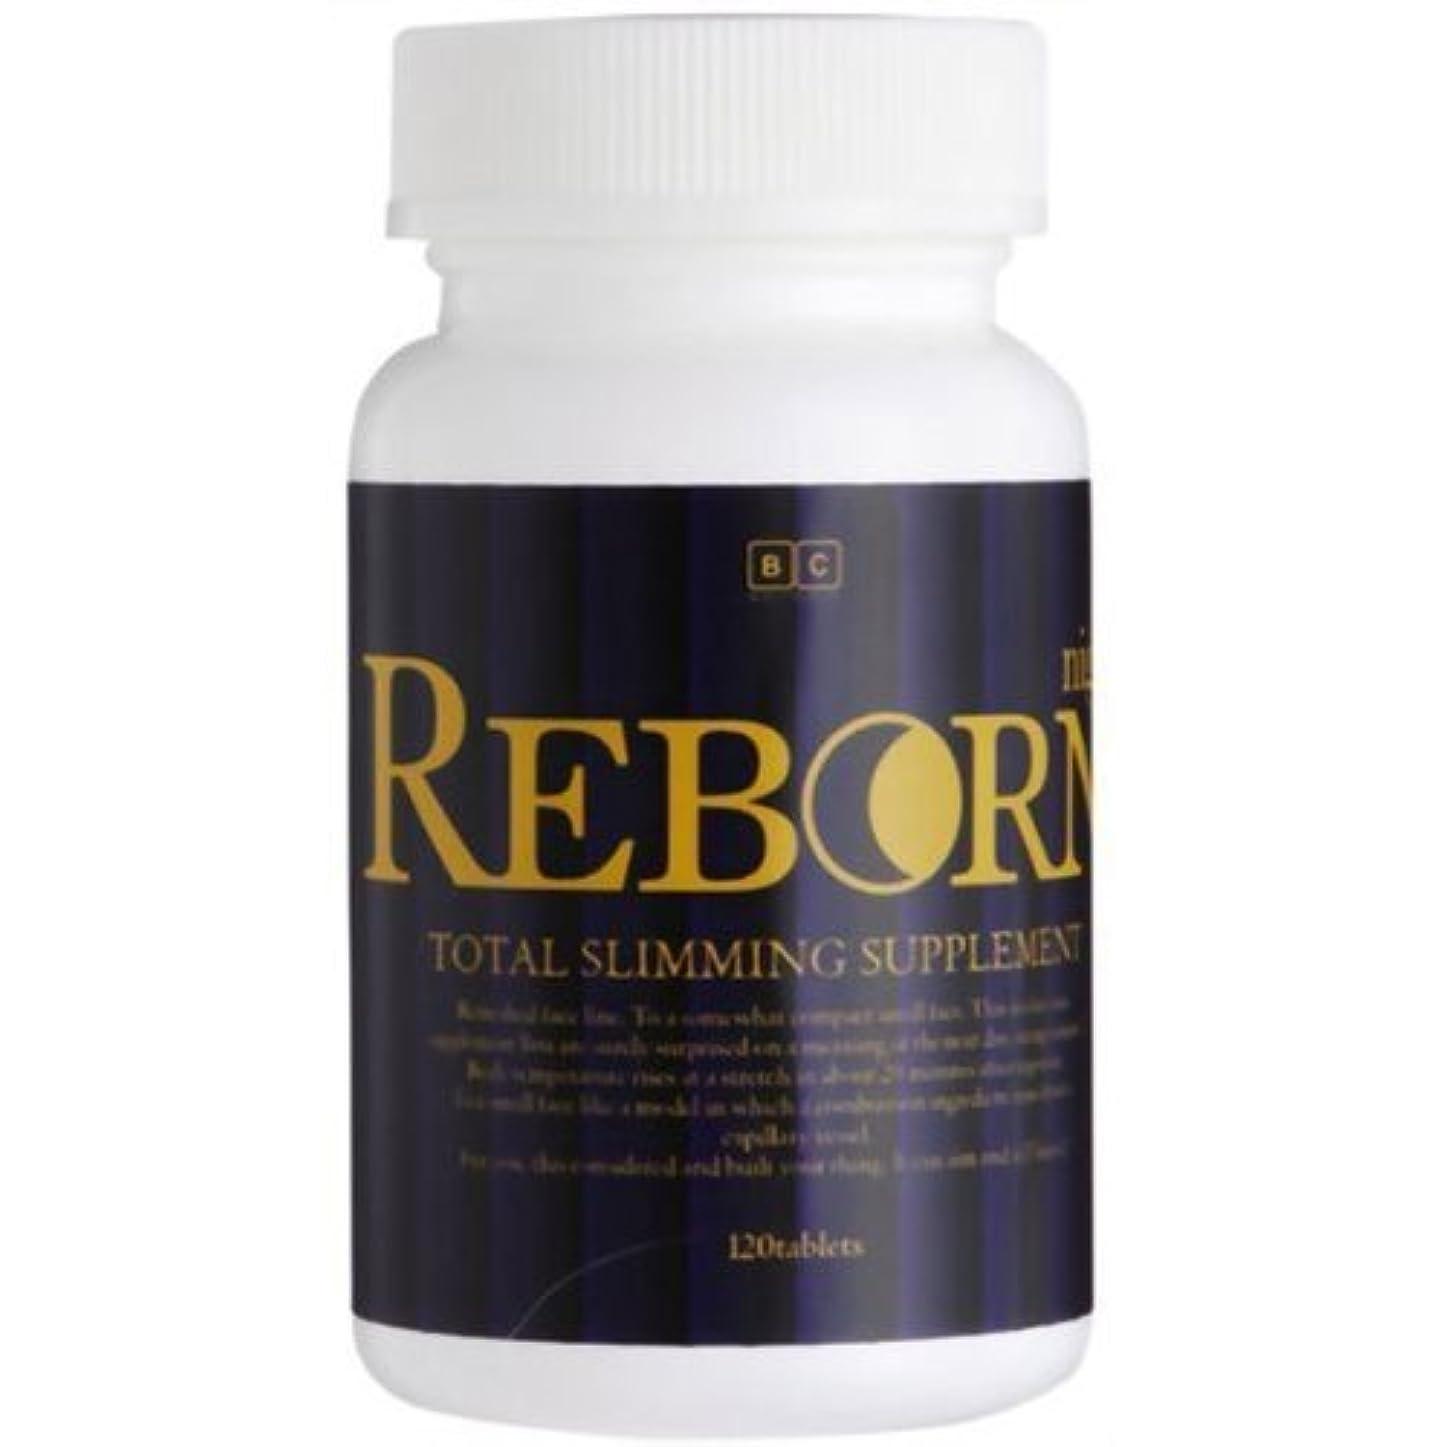 感覚ローラーマークされたお得な5個セット7日間飲んで寝るだけで night REBORN ナイトリボーン 120粒 5か月分